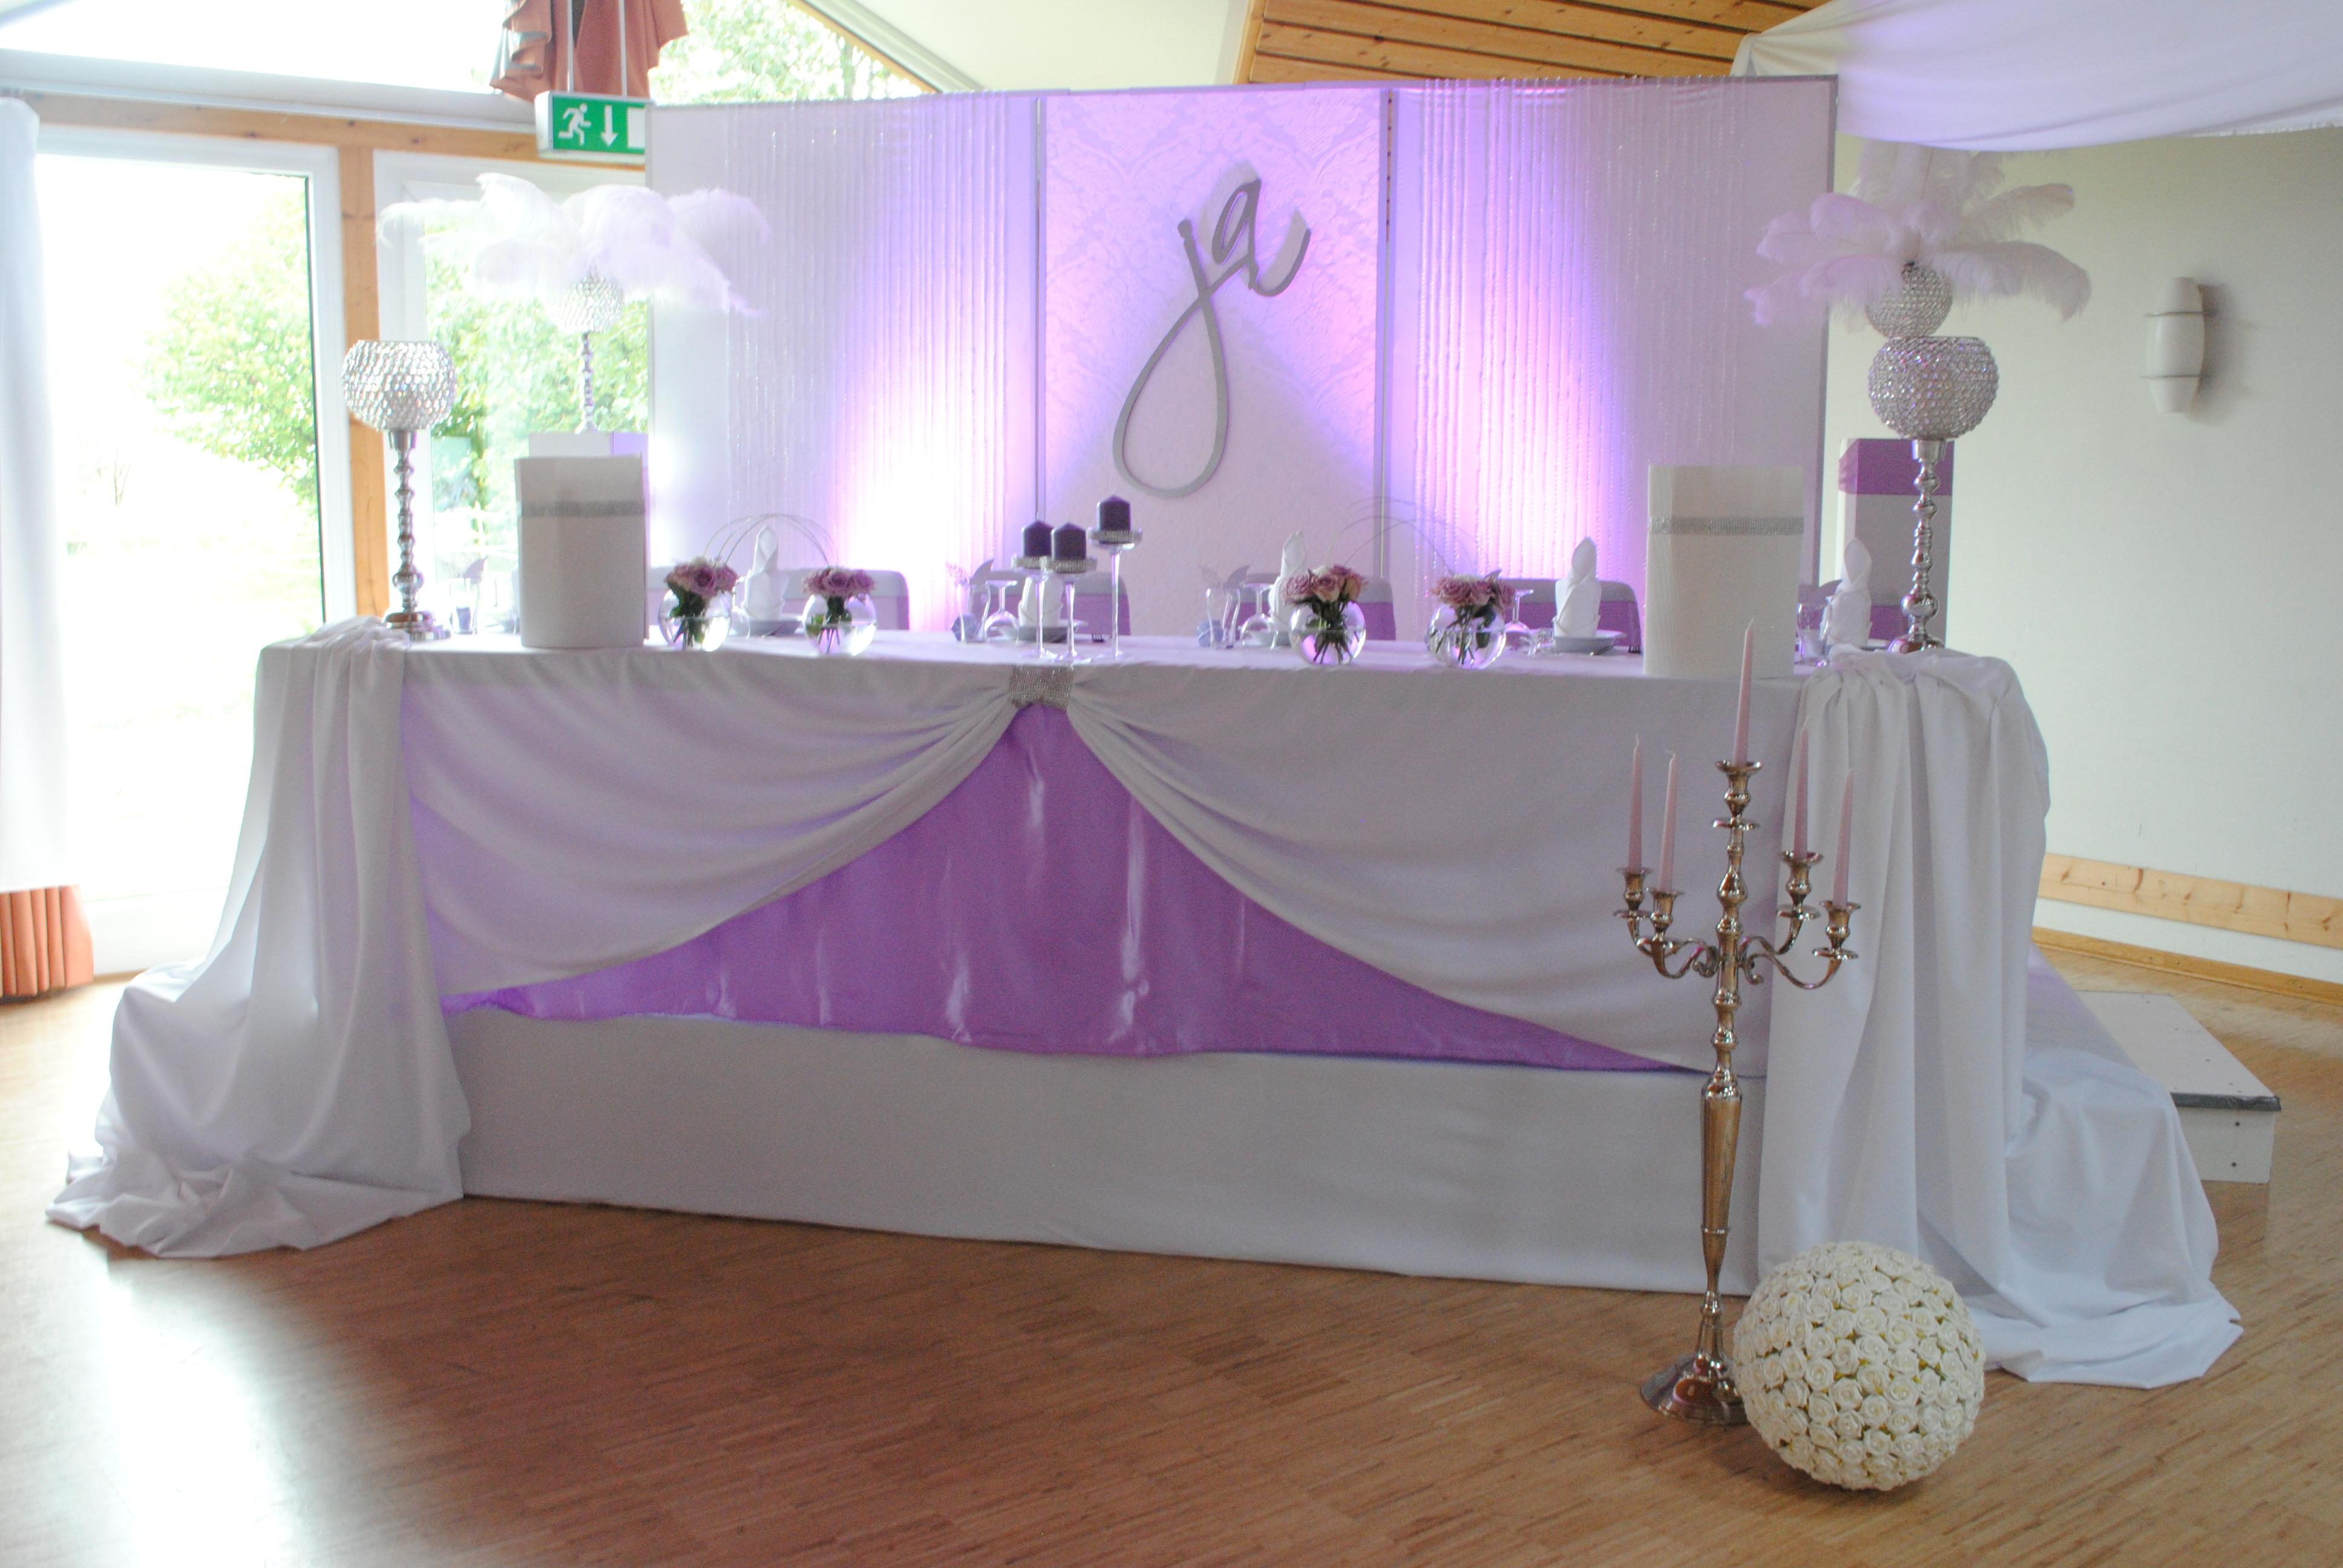 Brauttisch mieten verleih und dekoration for Verleih und dekoration